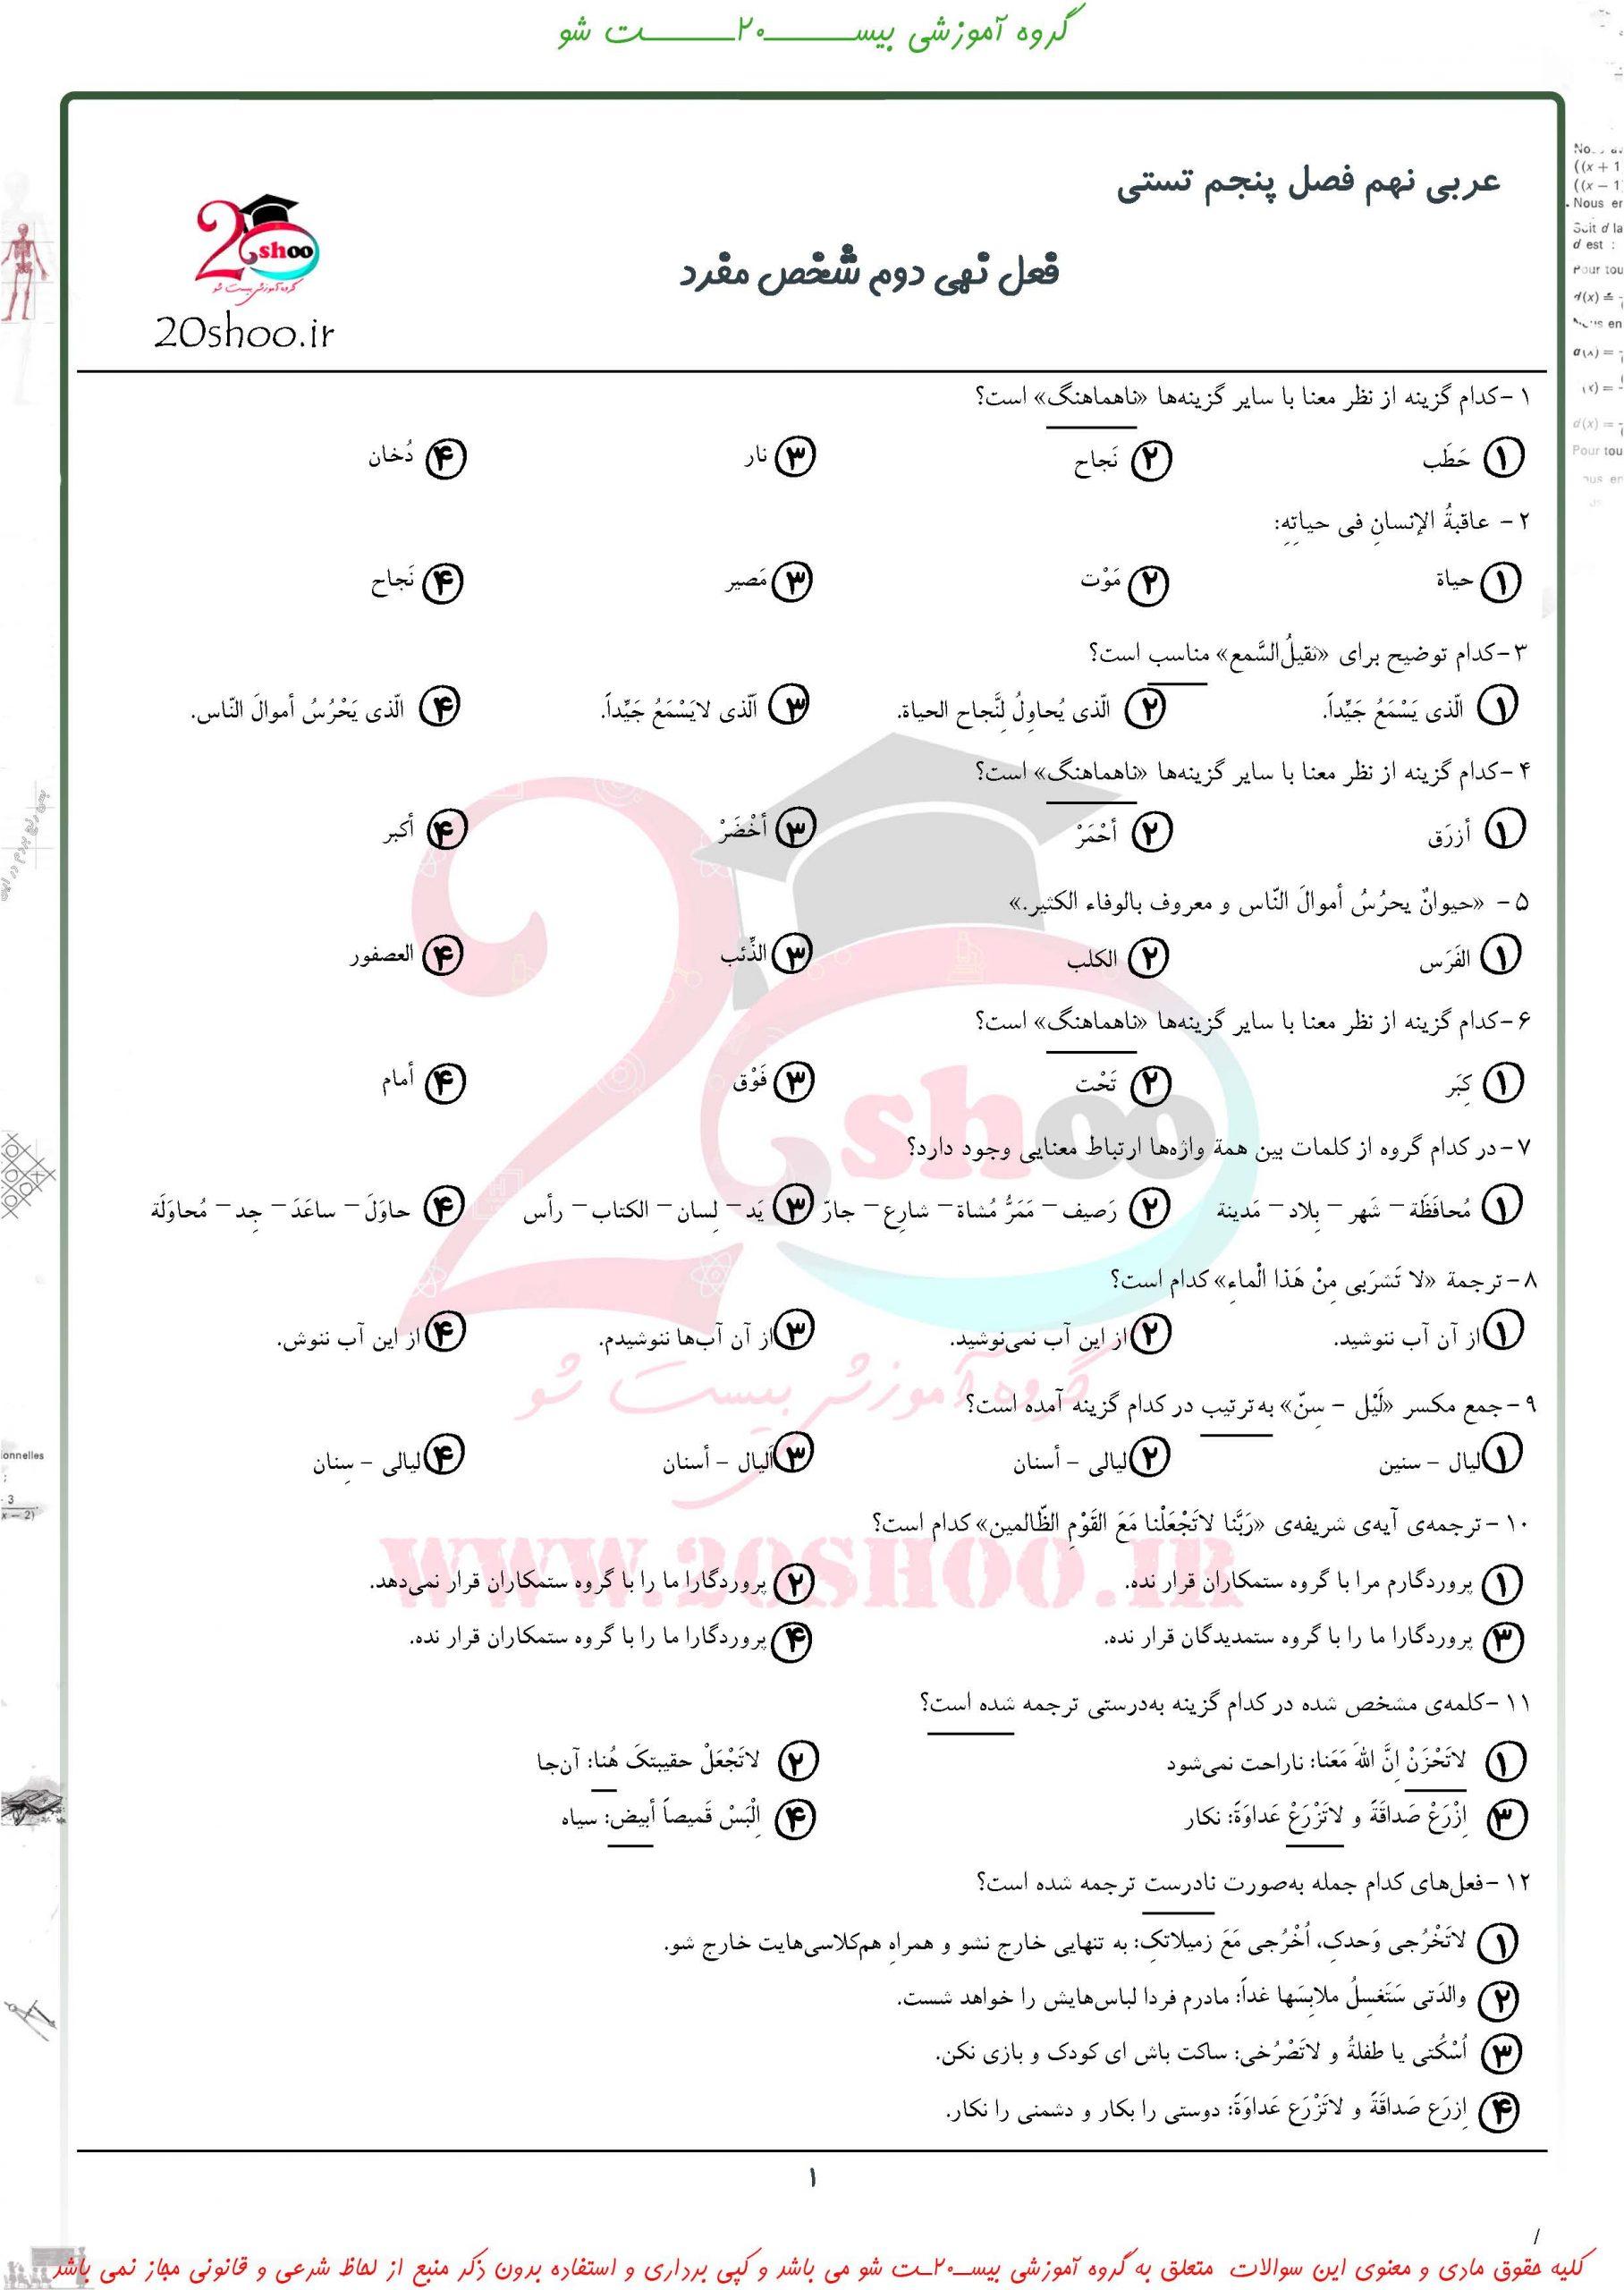 سوالات تستی عربی نهم فصل پنجم با جواب